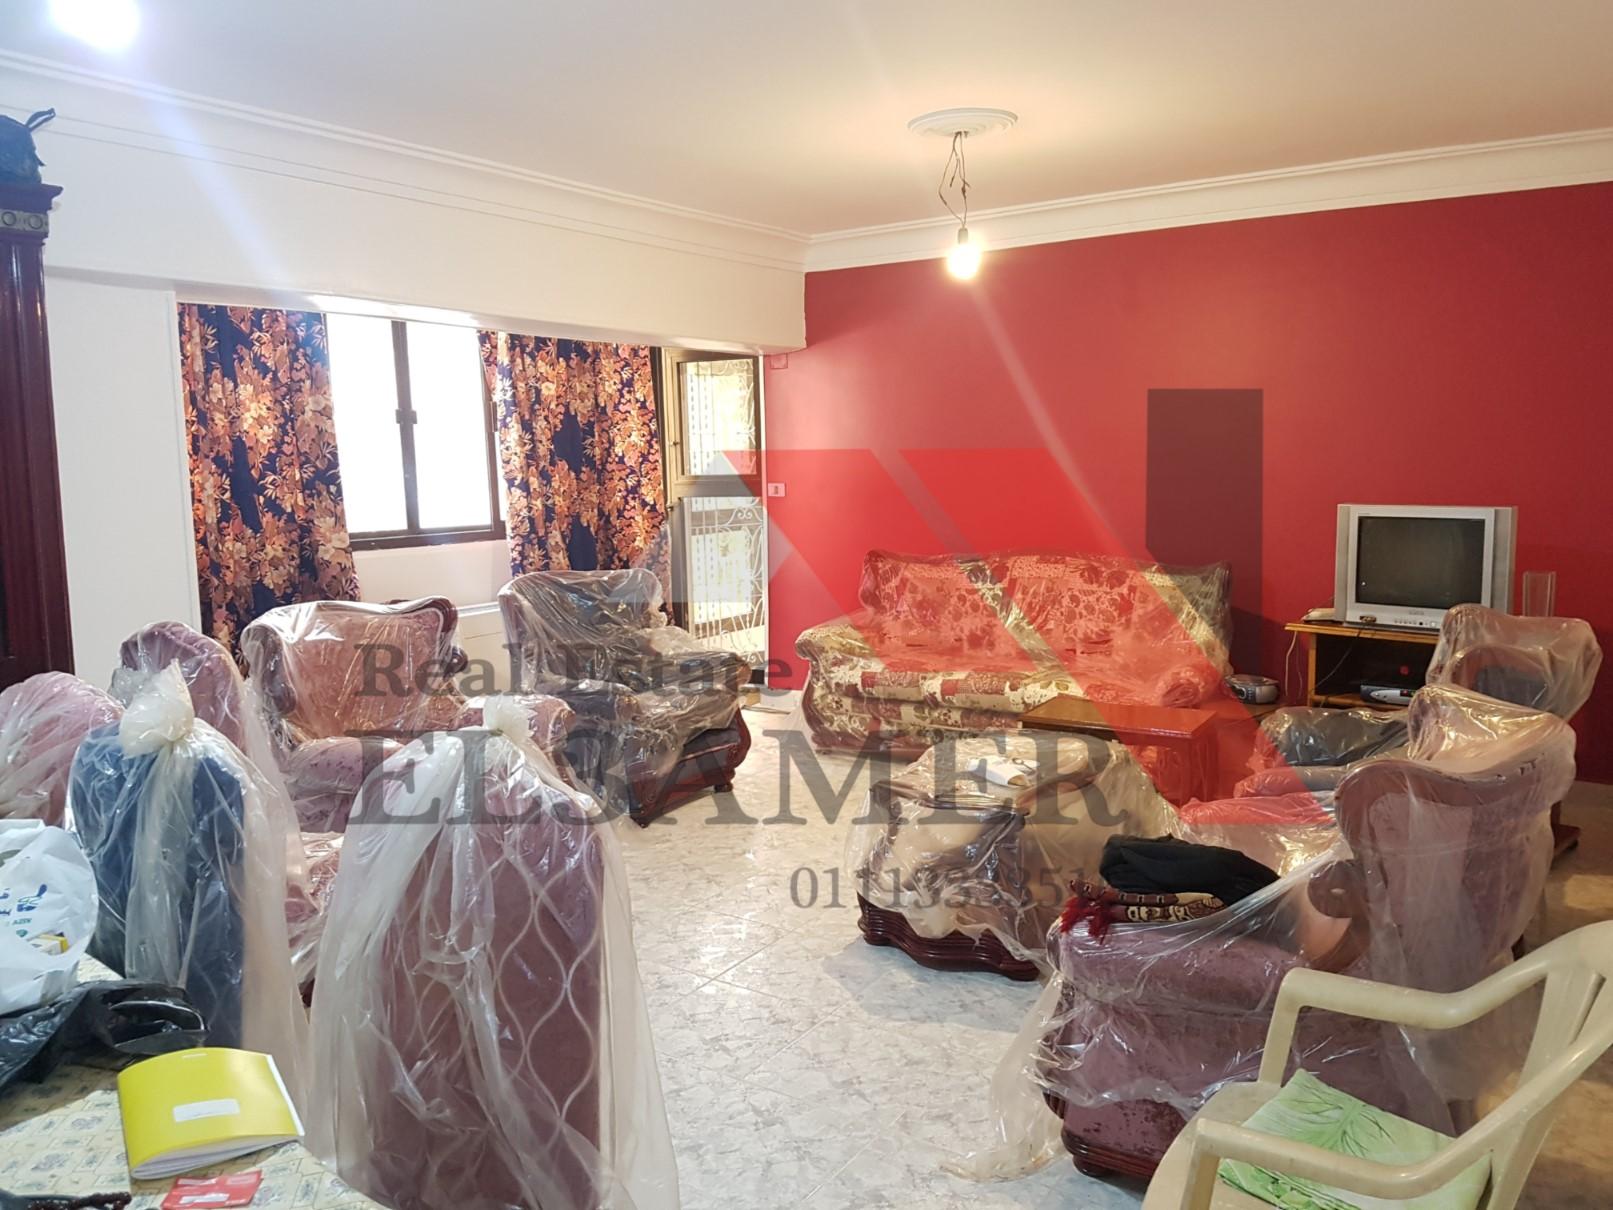 شقق للبيع شقة للبيع 125م مفروشة في زهراء المعادي قرب مبنى فودافون